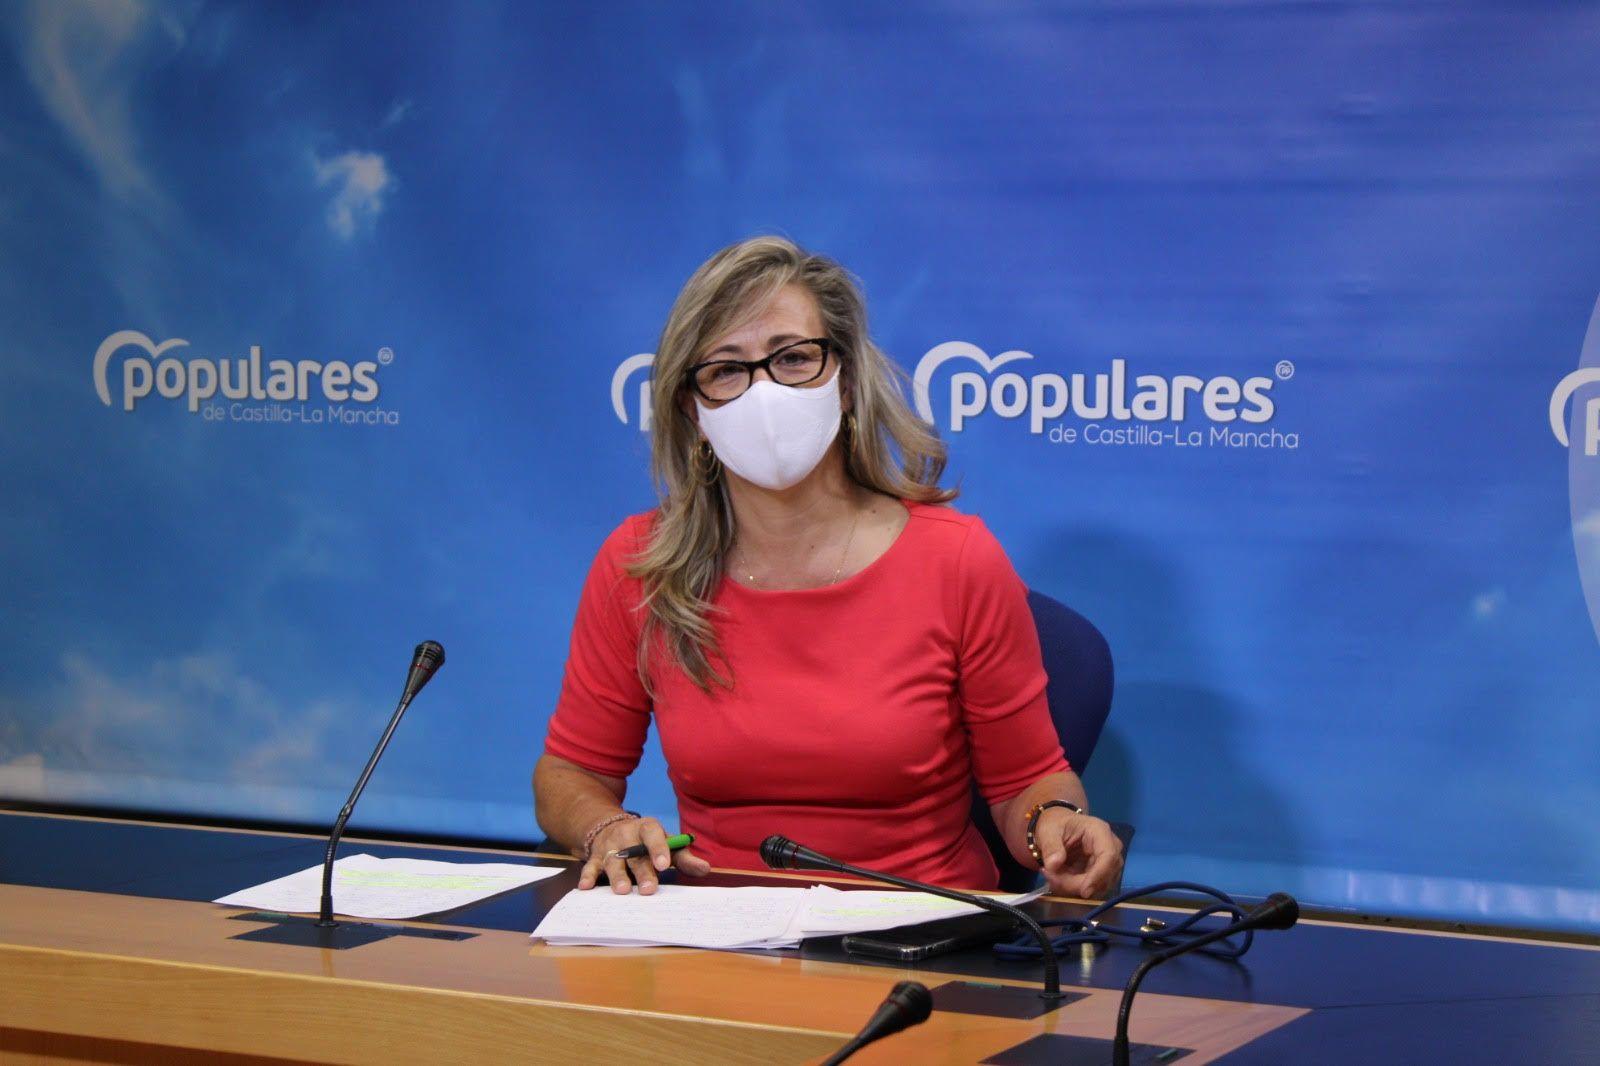 Merino espera que la Comisión para la Reconstrucción de CLM se apruebe en el Pleno para empezar a trabajar cuanto antes de la mano de la sociedad castellano-manchega